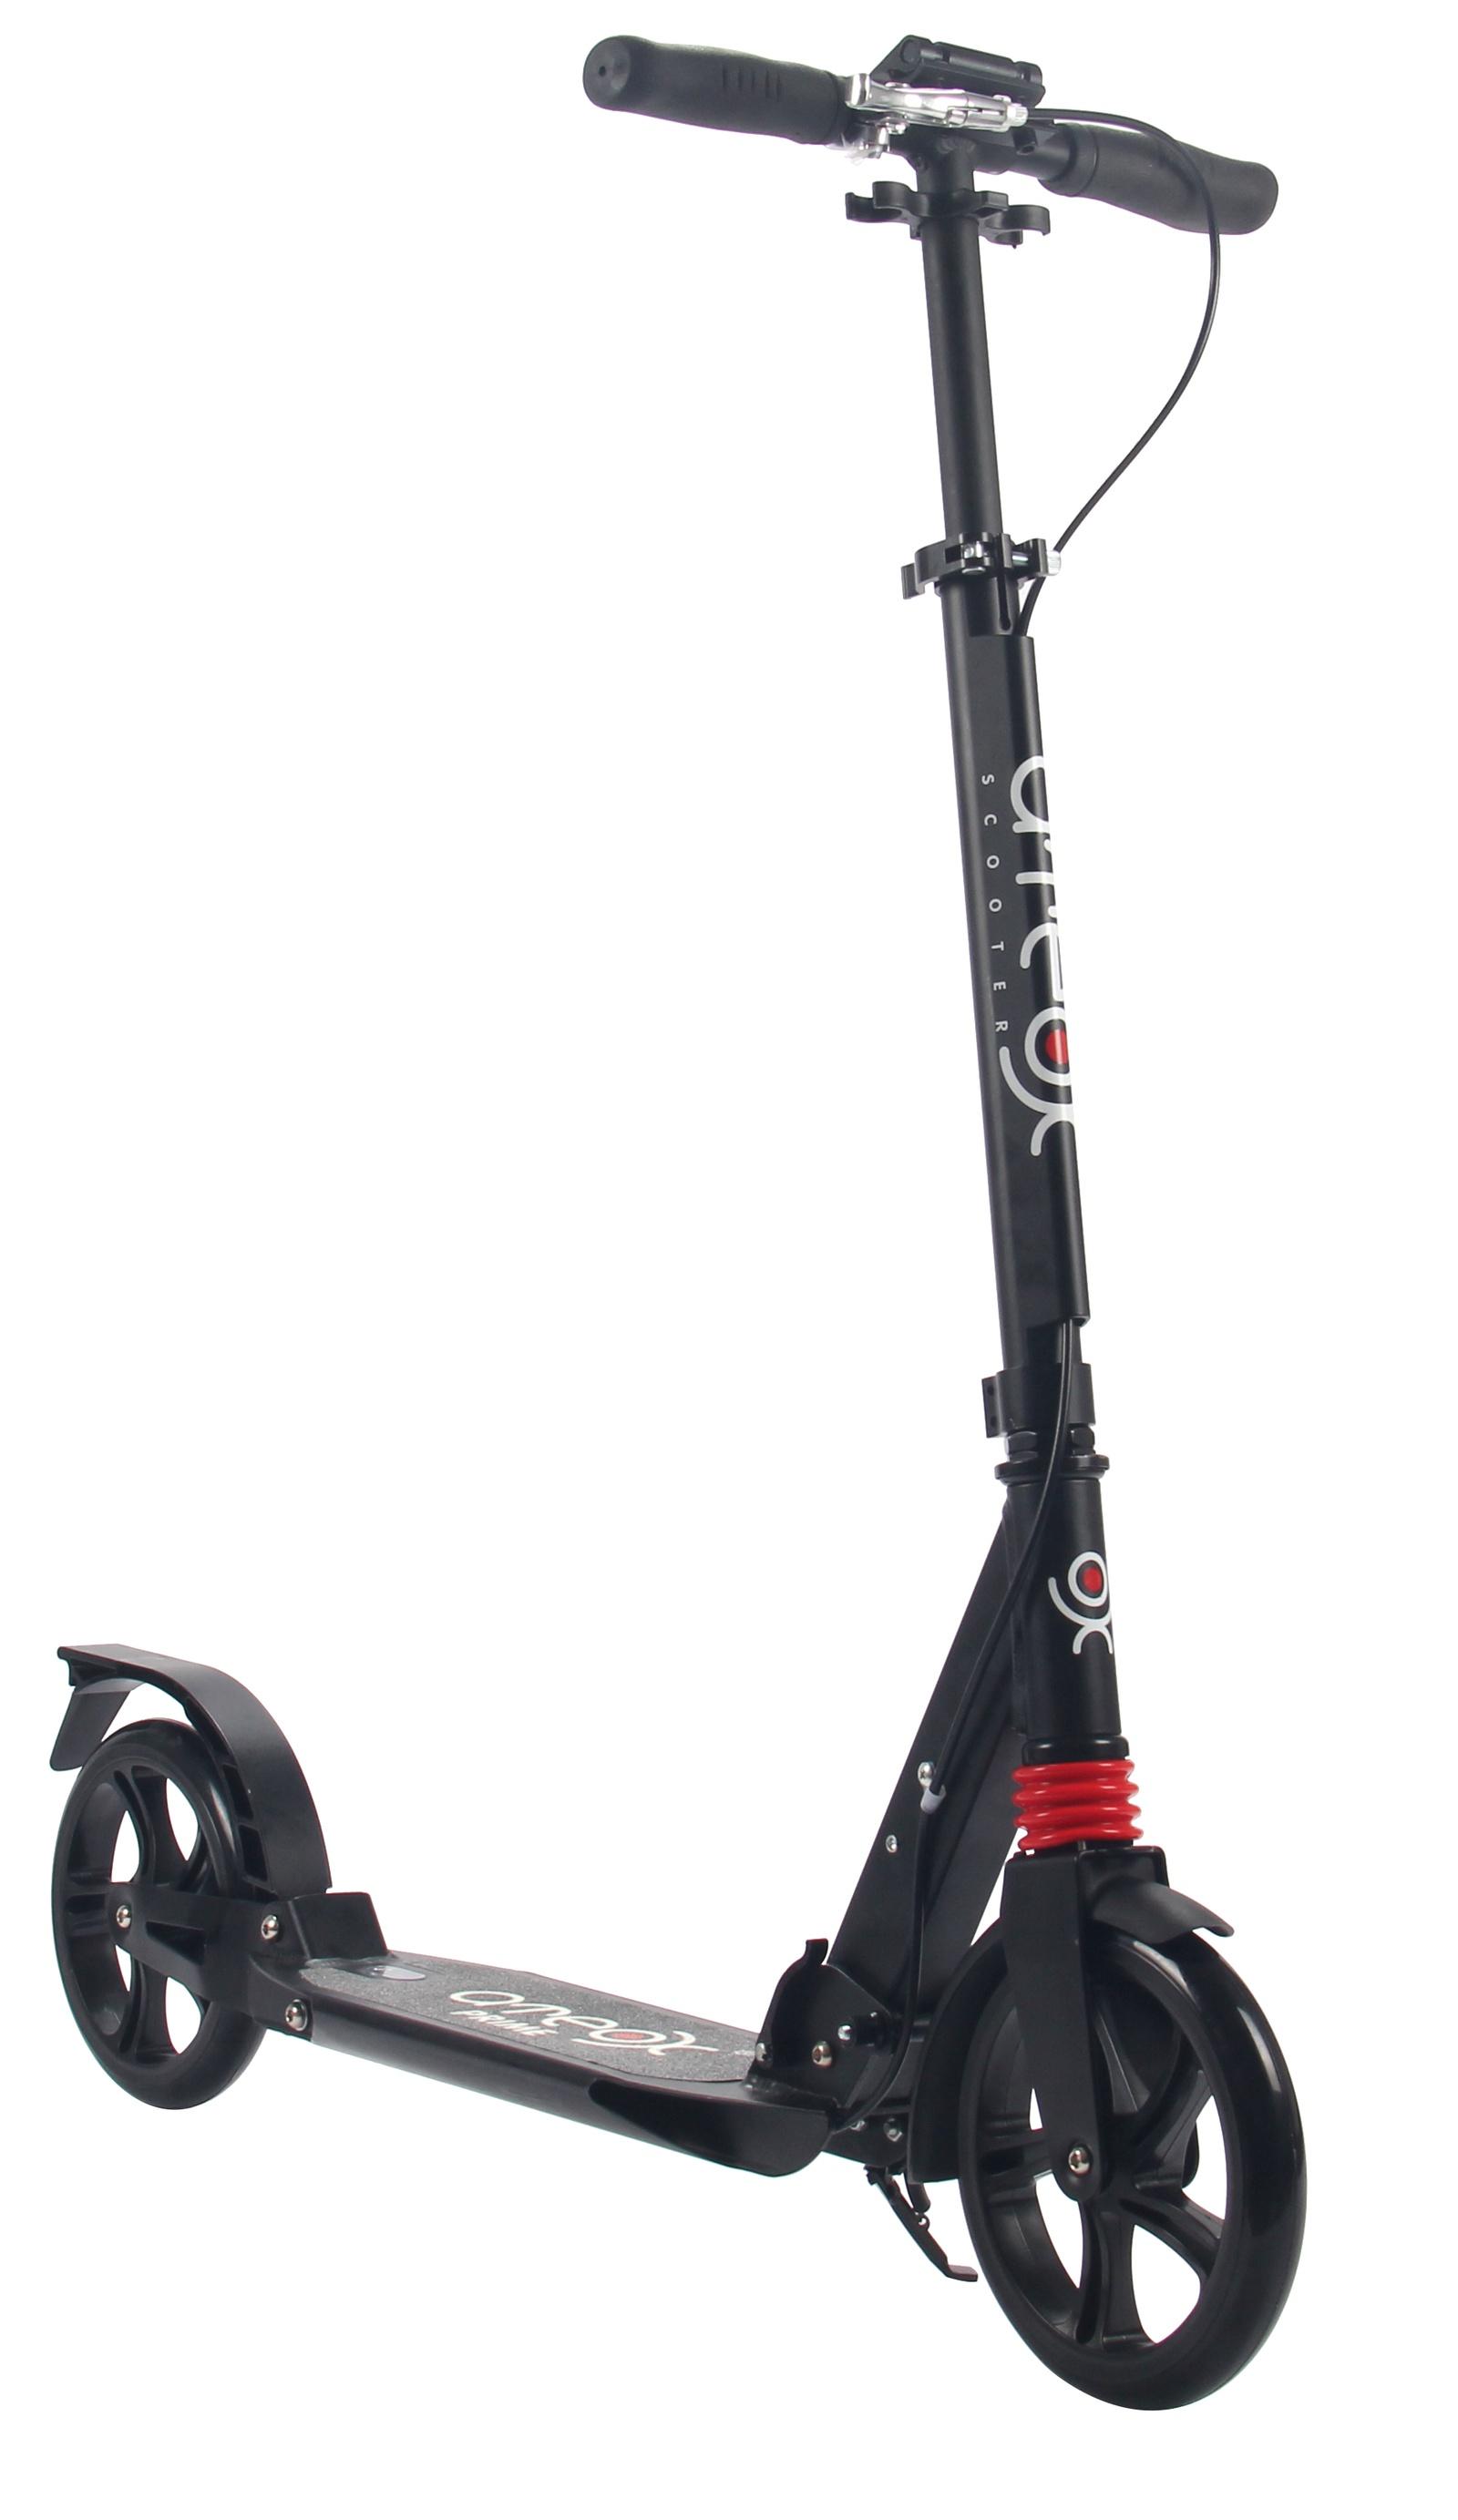 Самокат для взрослых Ateox PRIME с большими колесами и ручным тормозом (Черный)